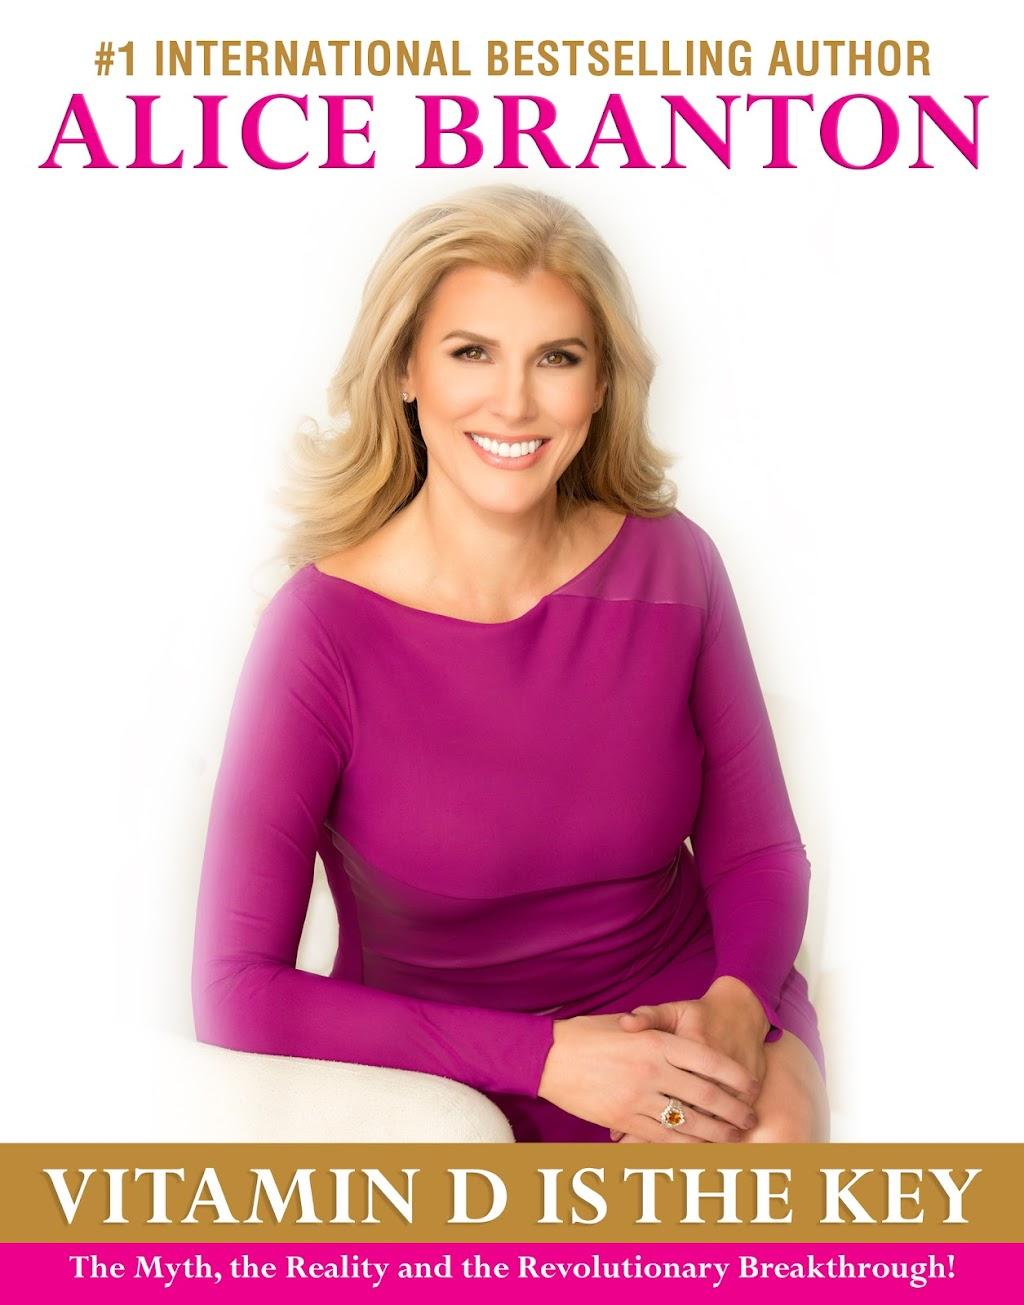 Vitamin D is the Key - Alice Branton